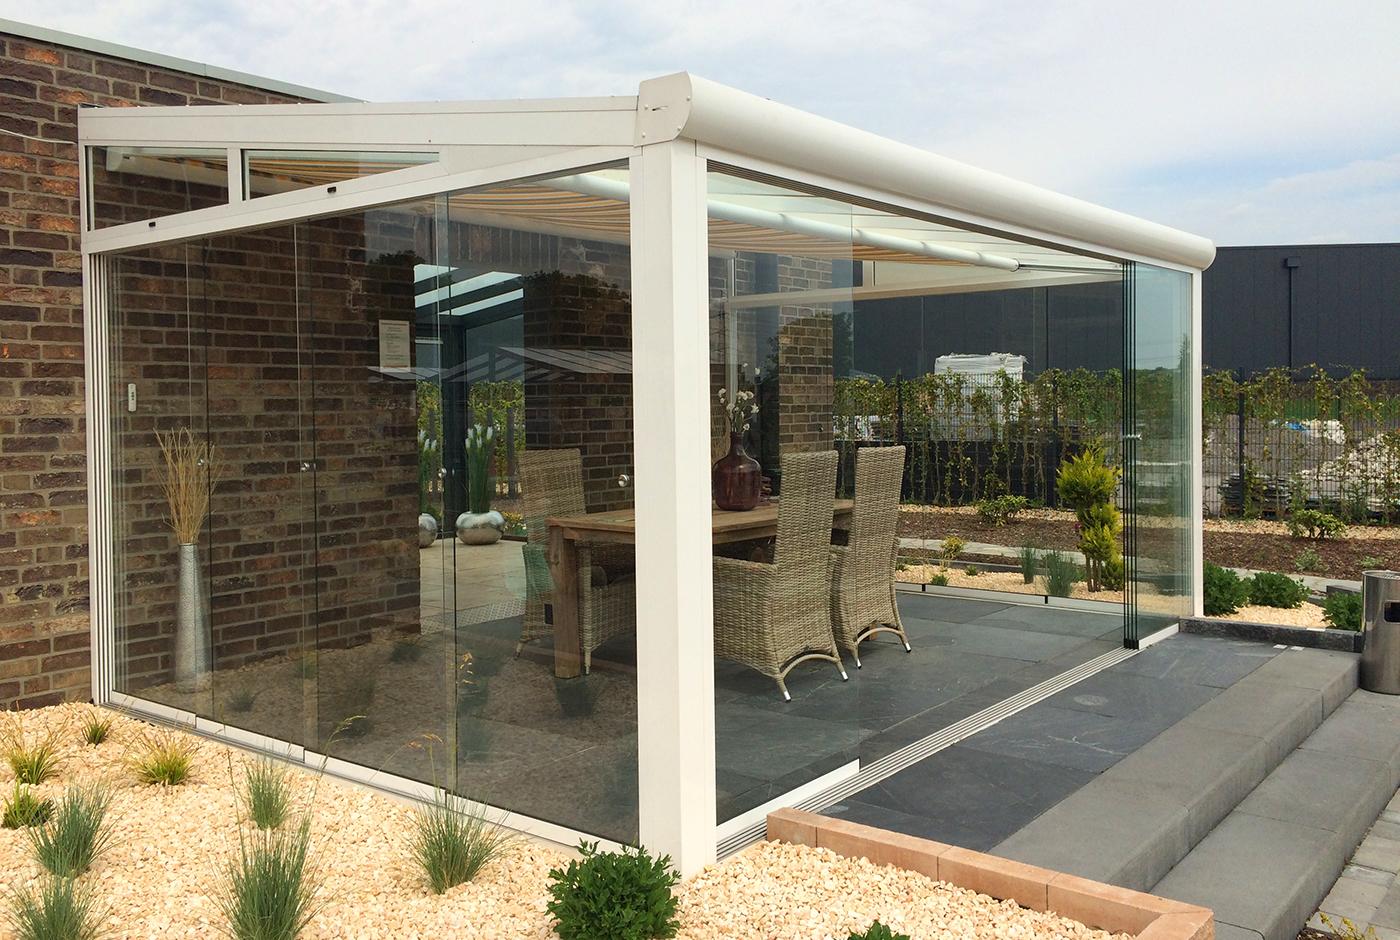 Terrassenüberdachung  Terrassendach zum Öffnen - Glasschiebetüren & Glasschiebedach